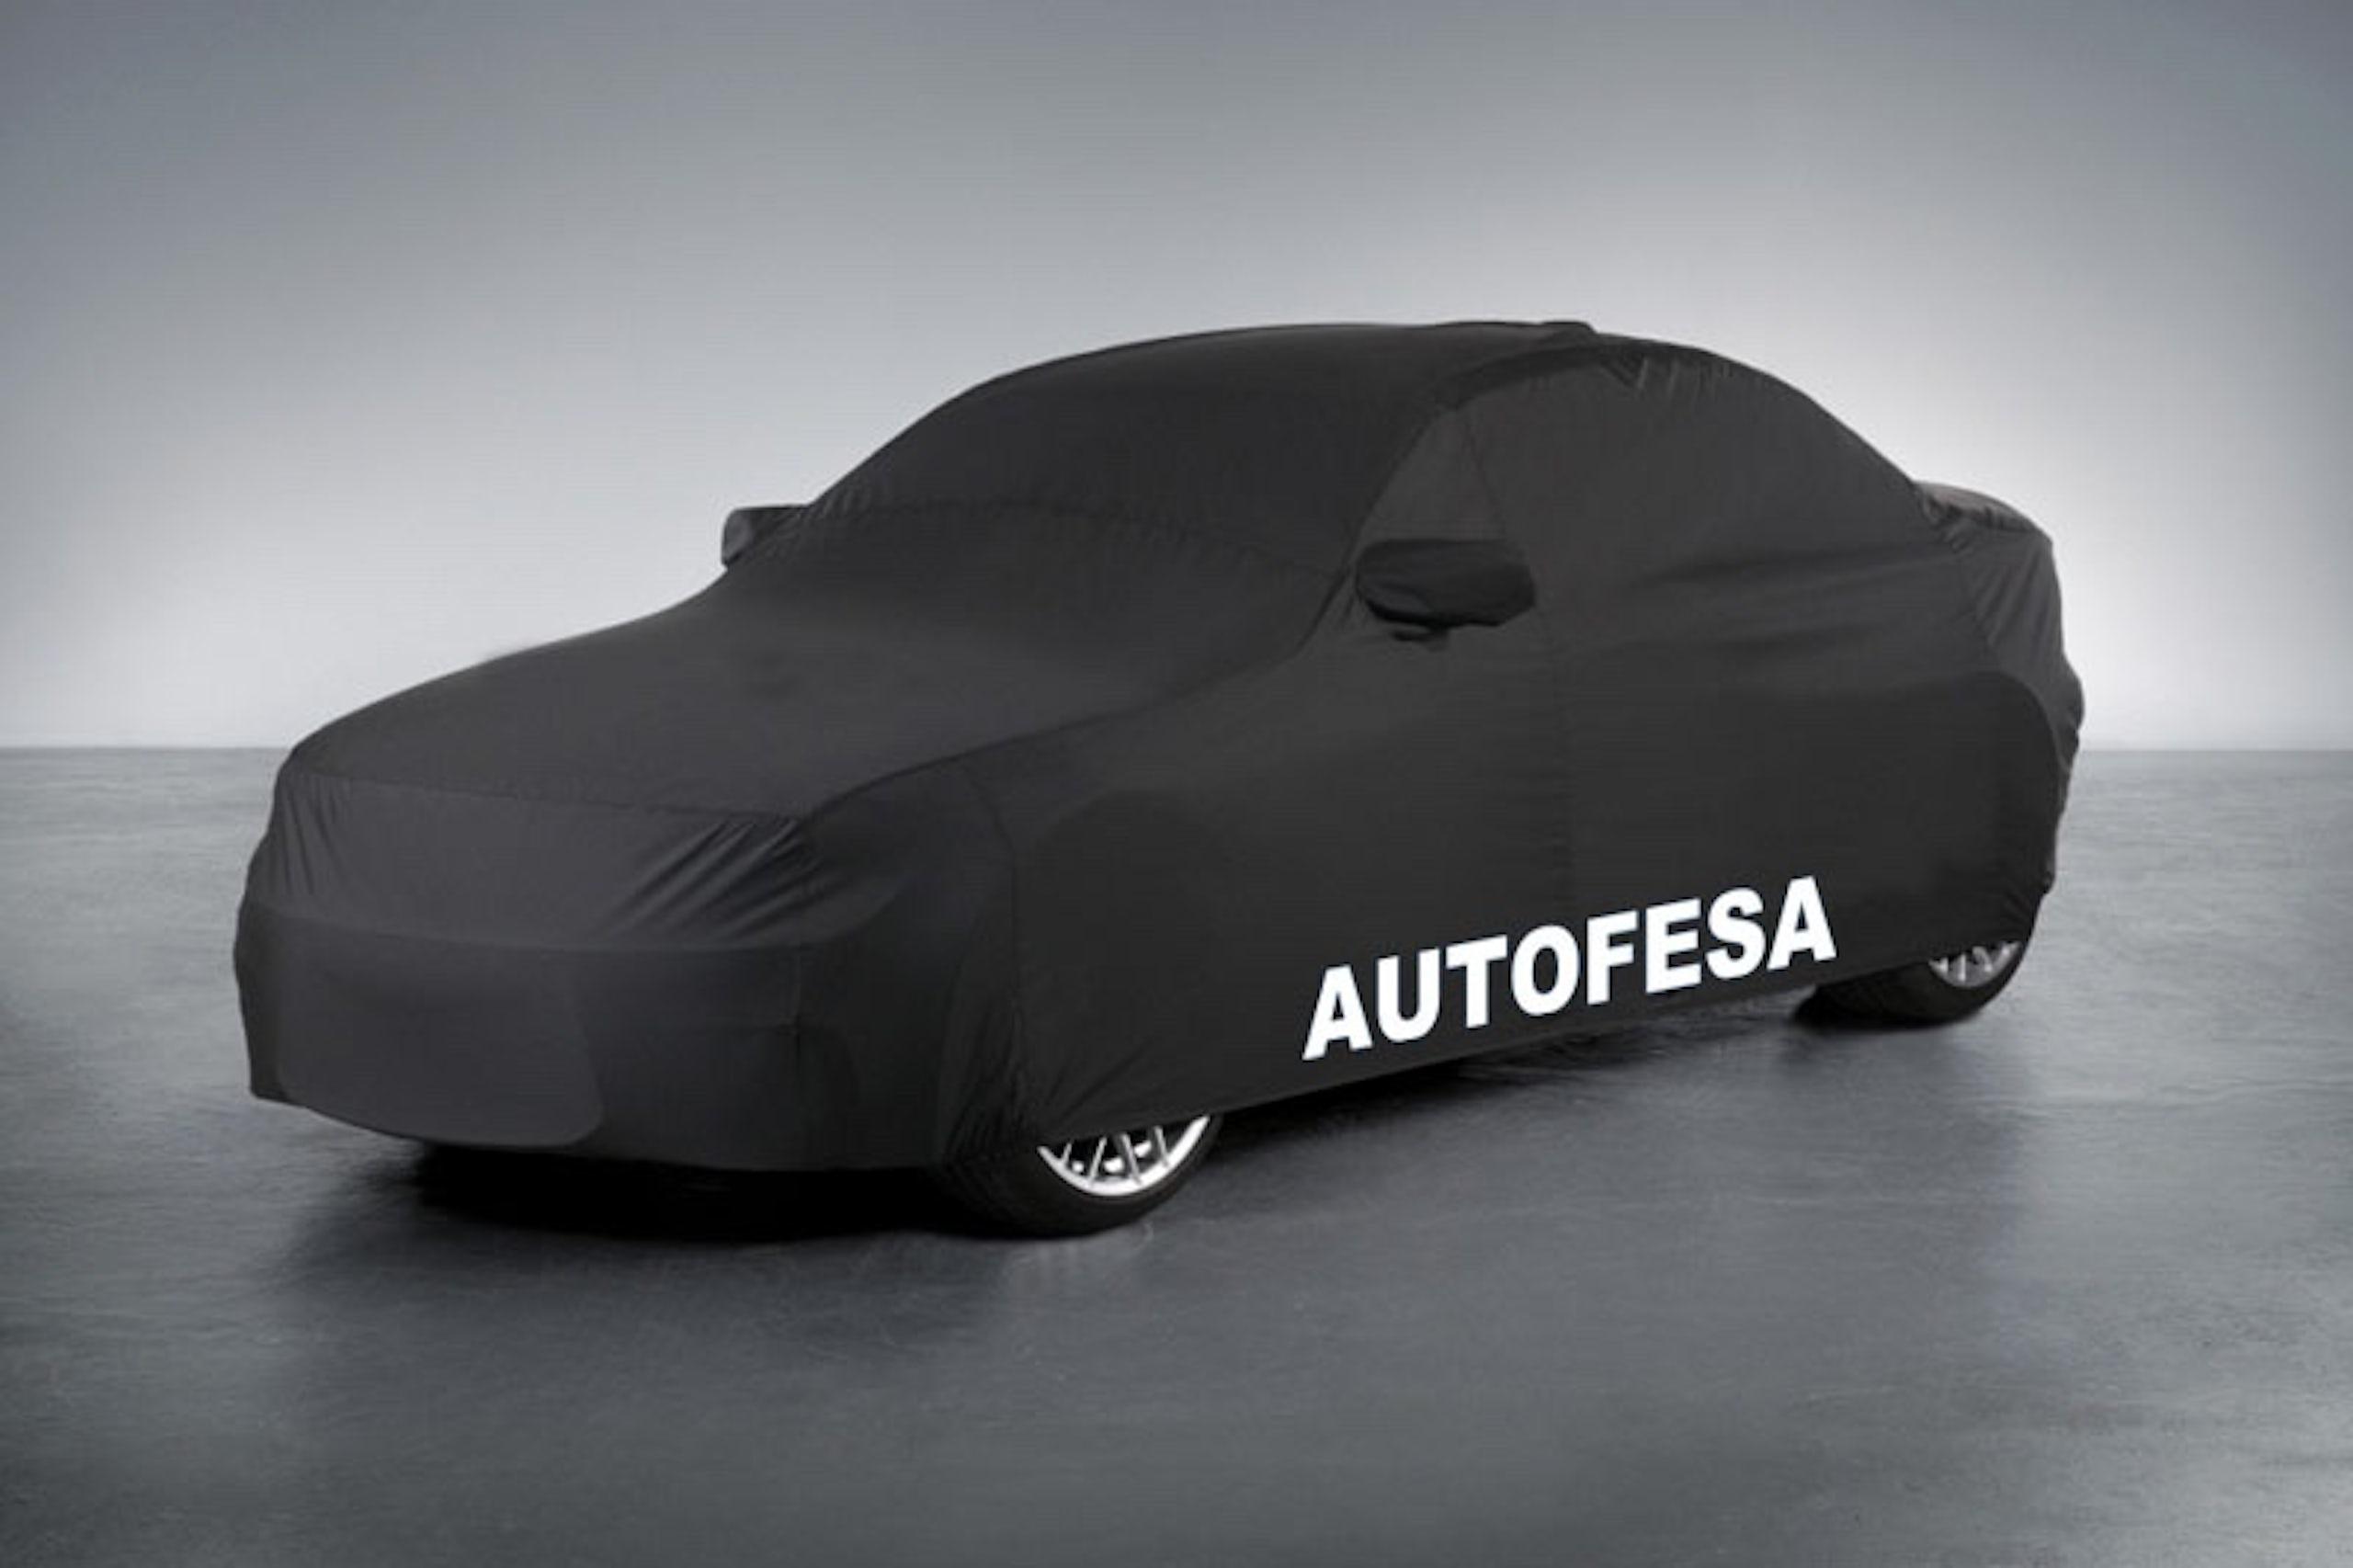 Fotos del Audi Q7 3.0 TDI 233cv quattro 5p Auto 7Plz Exterior 1